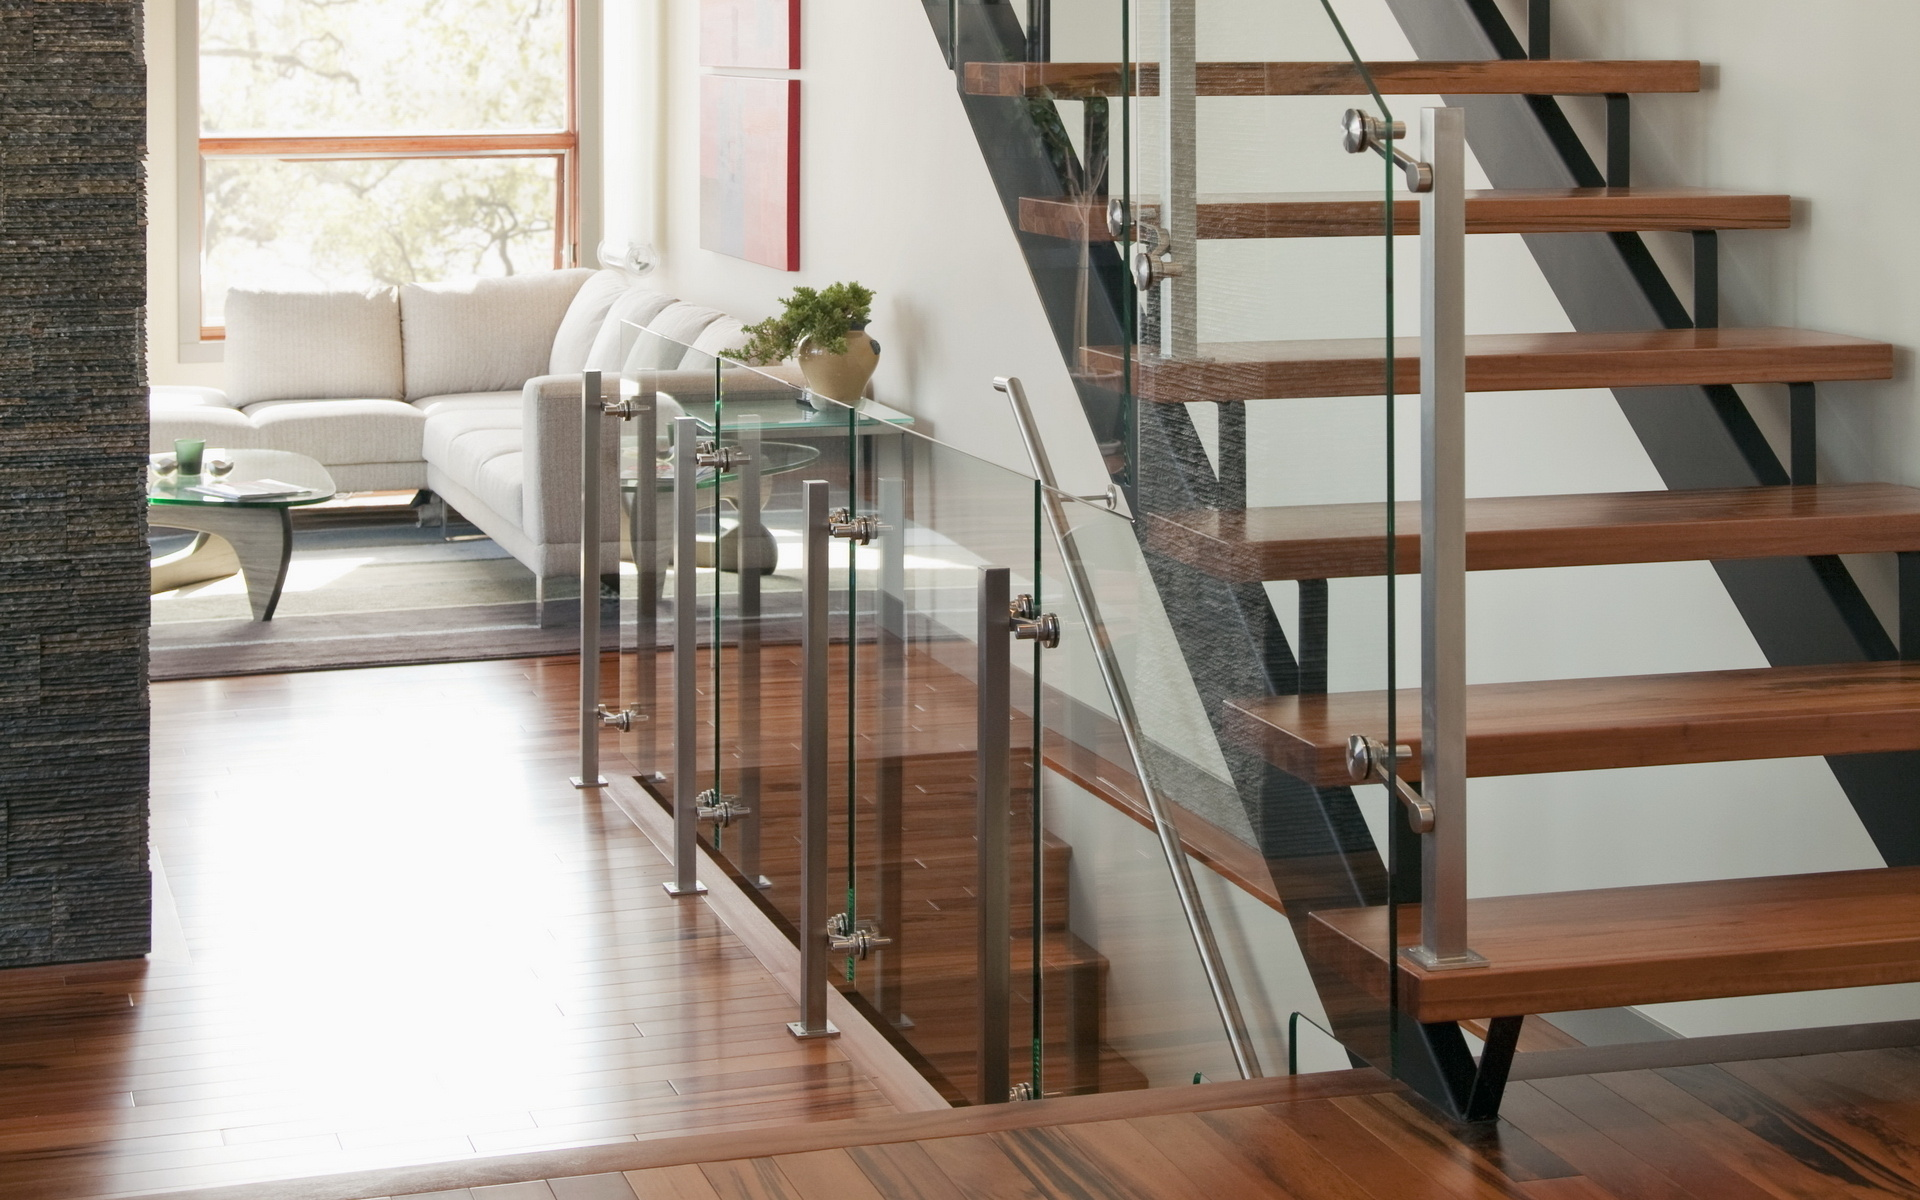 Комната с лестницей фото